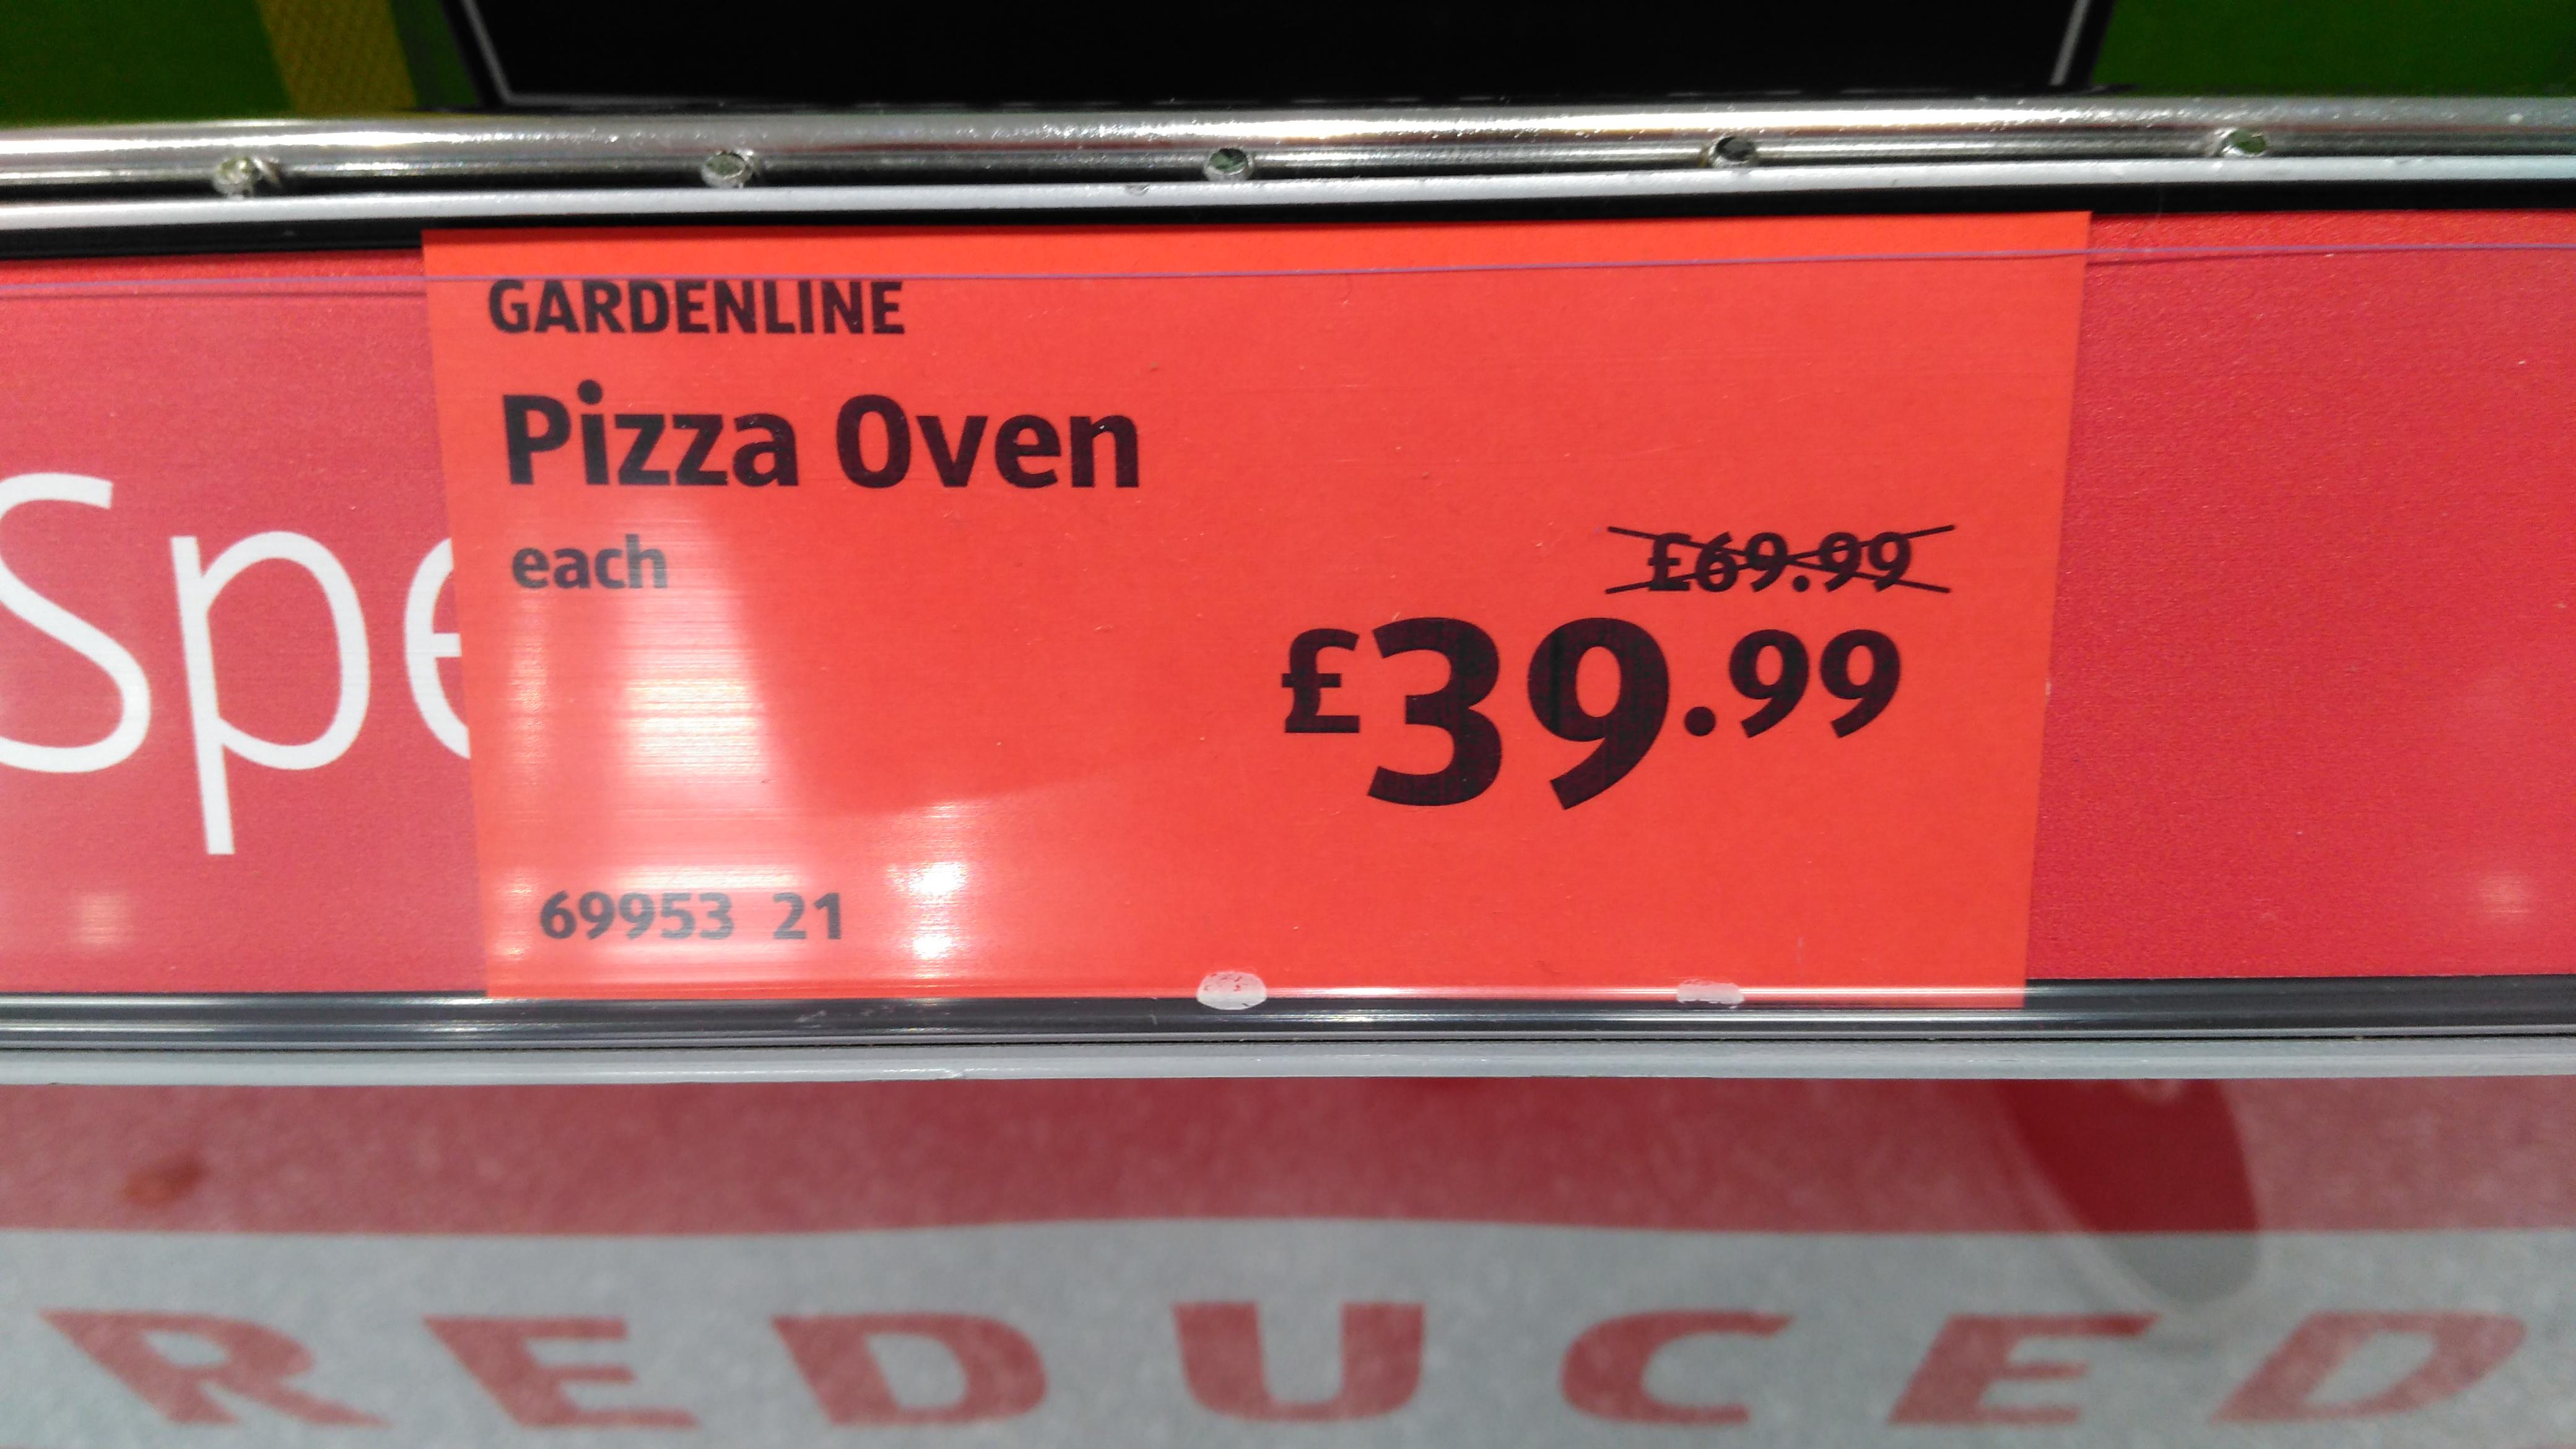 Aldi Pizza Oven £39.99 - Charlton